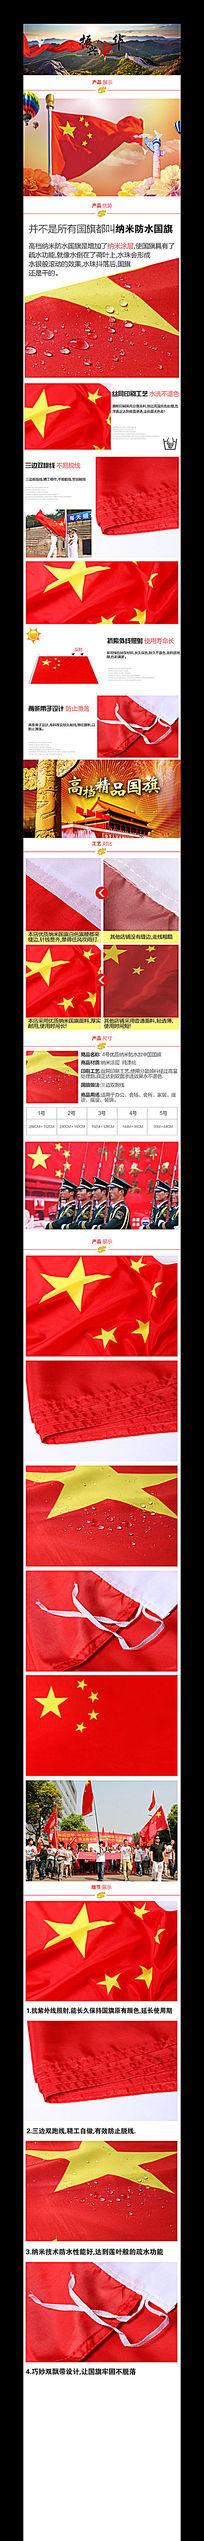 淘宝中国国旗详情页描述模板